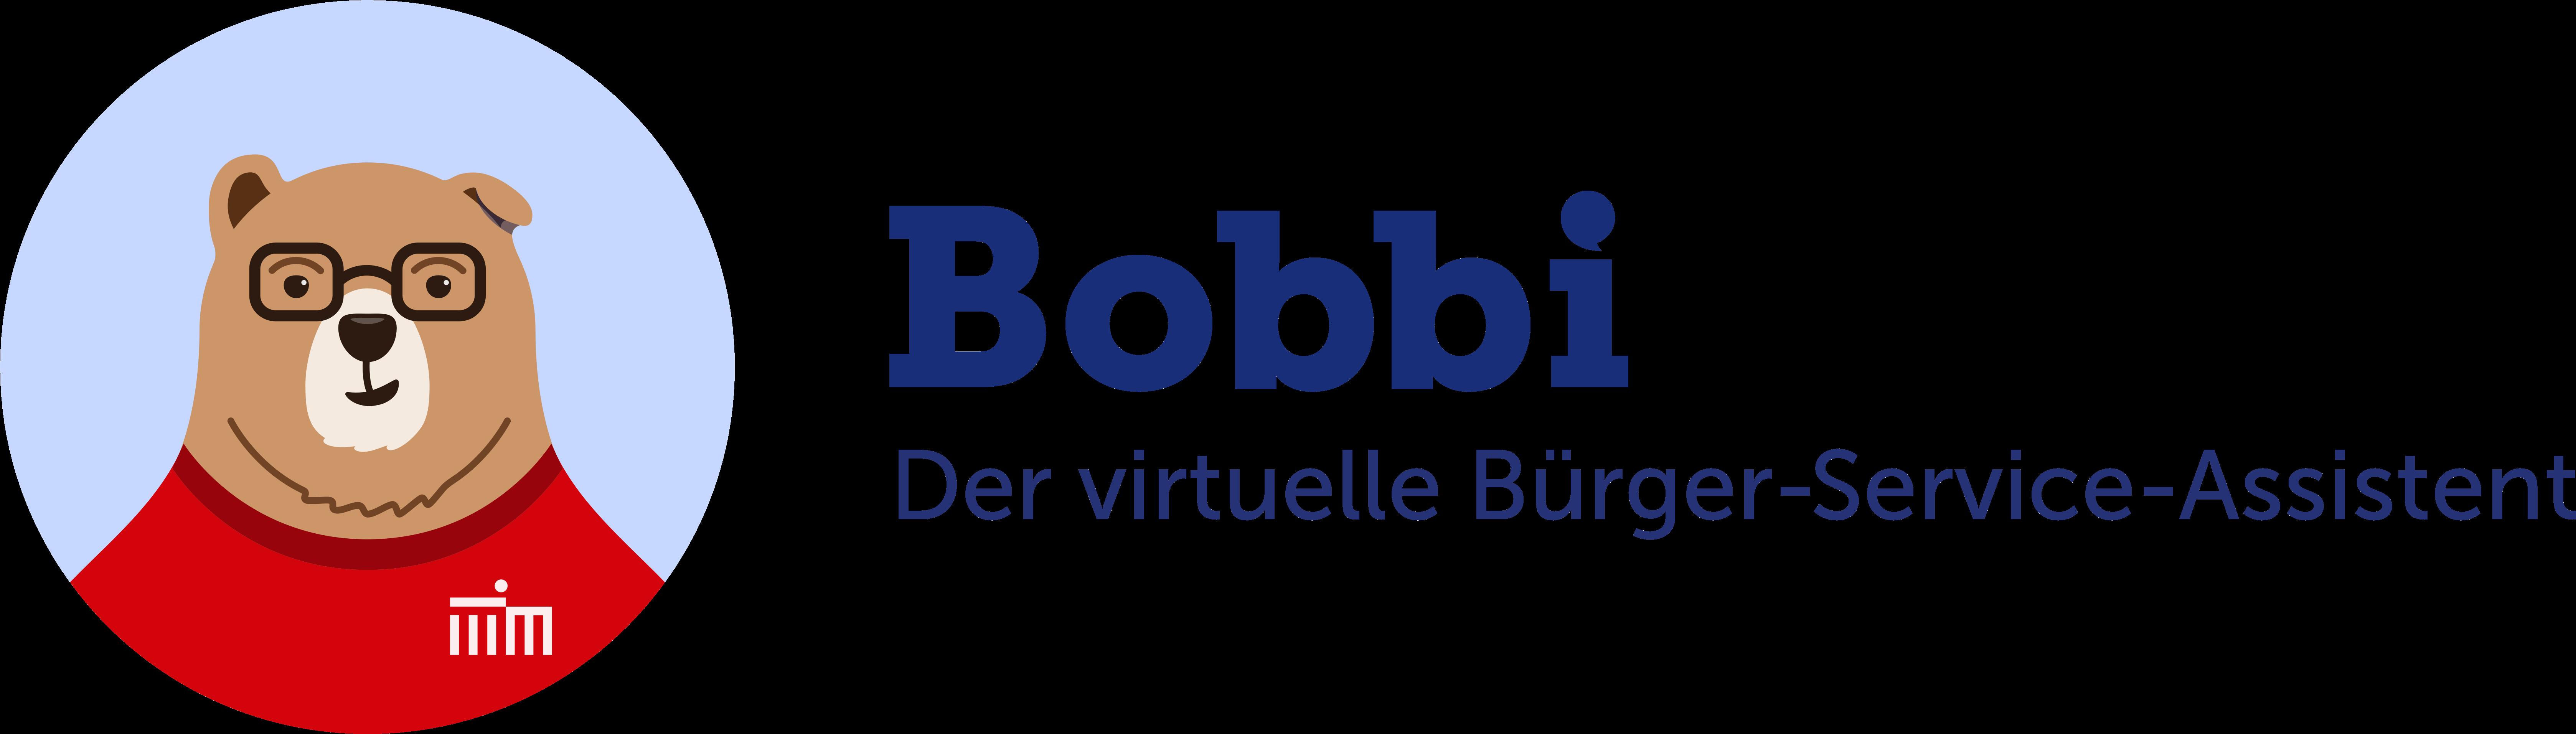 Bobbi_logo_quer